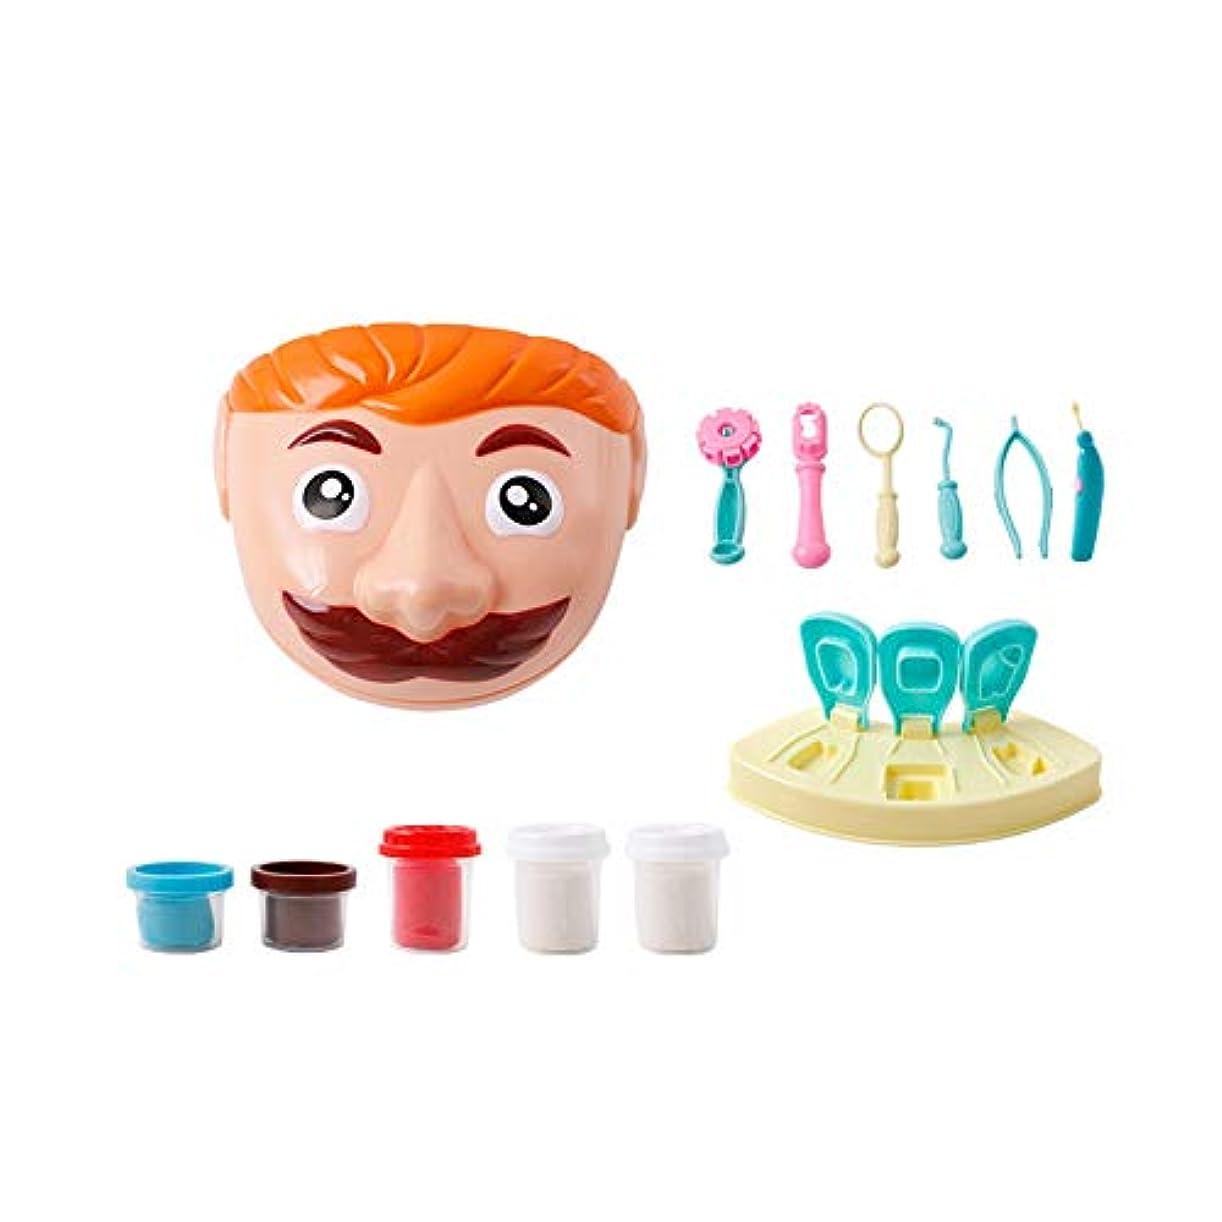 有料情熱的血色の良いSnner ドクターバッグを再生する知育玩具多色の非毒性クラインゲーム歯科医ツールをドレスアップ幼児服ドクターロールプレイング学校の教室のセット